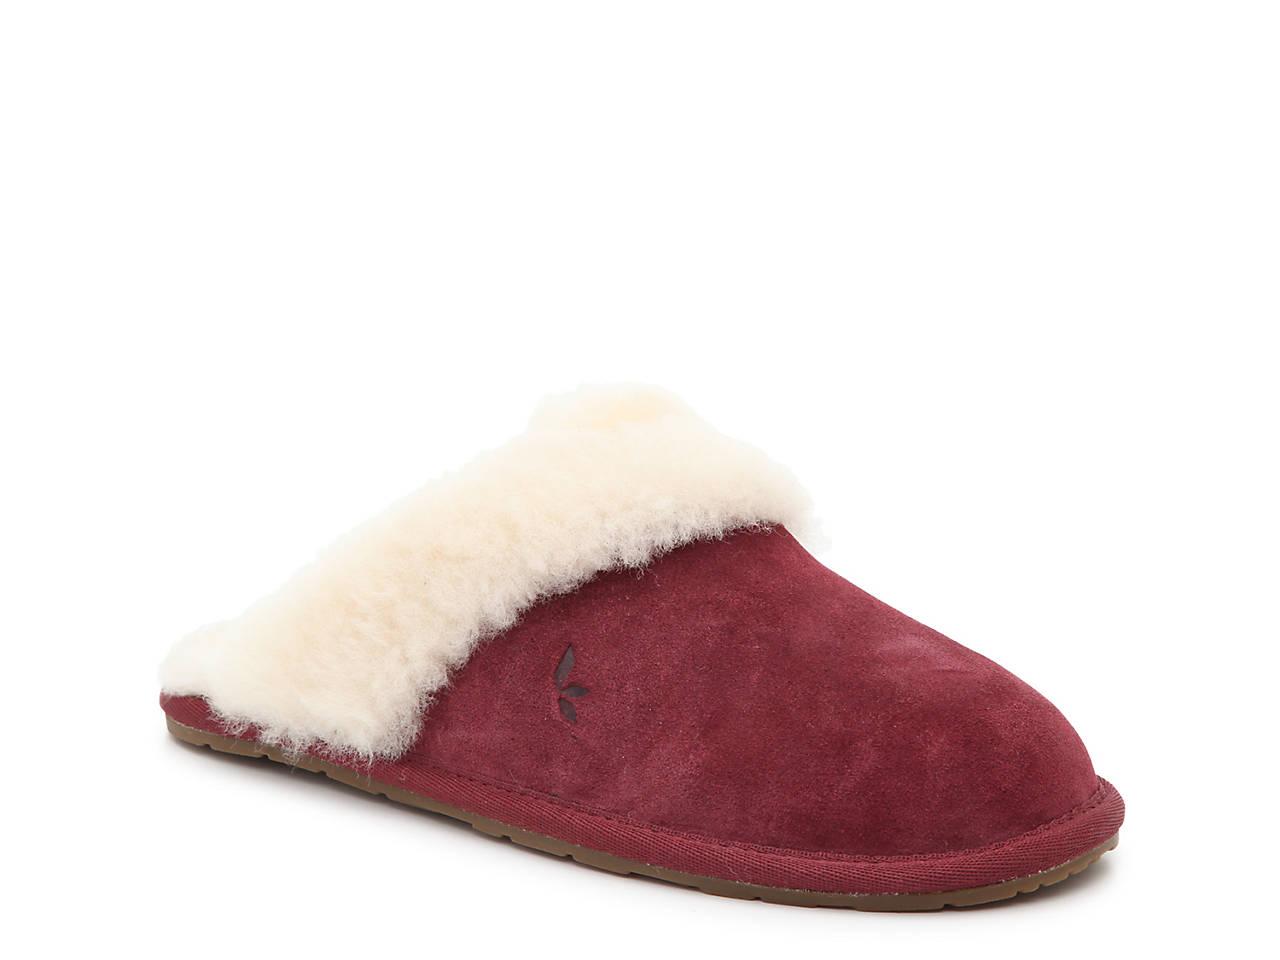 b42d3b3dc2f Koolaburra by UGG Milo Scuff Slipper Women s Shoes